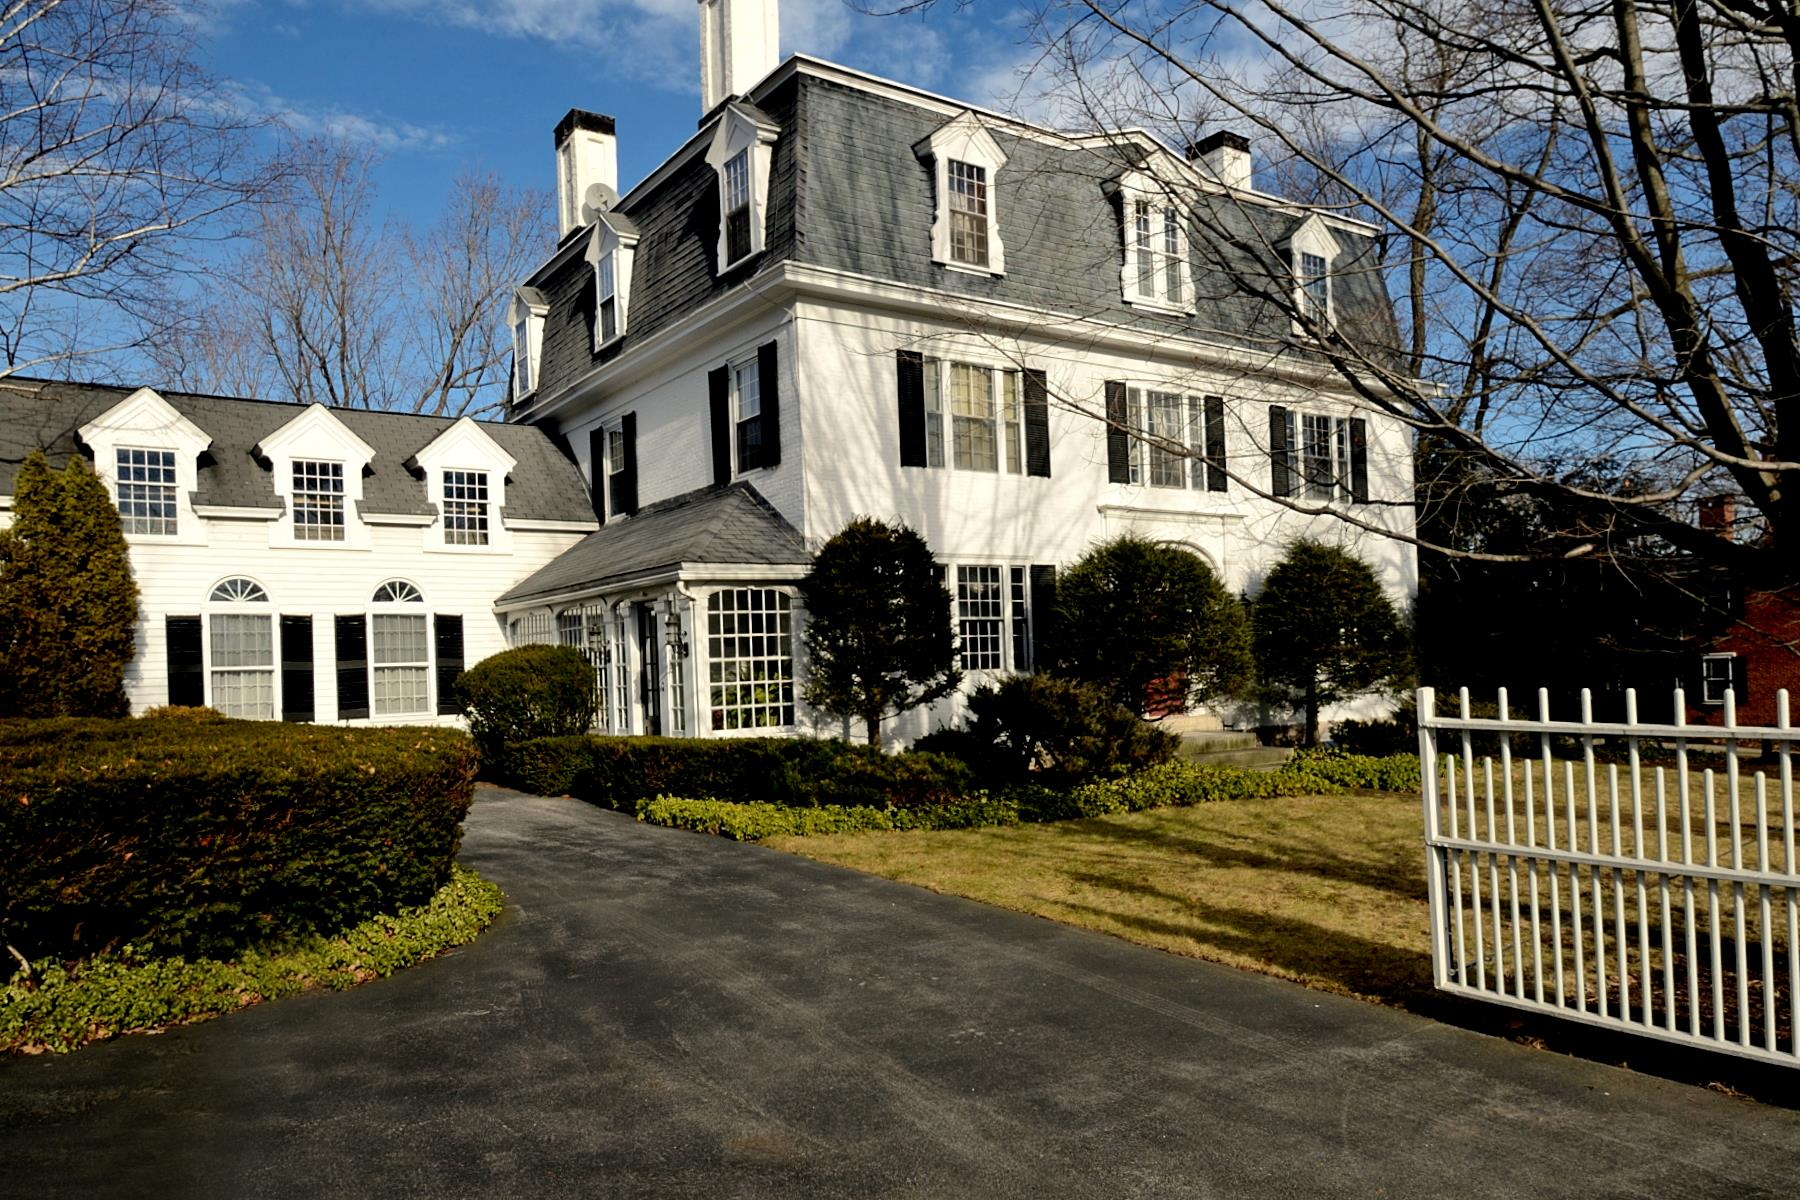 Частный односемейный дом для того Продажа на 599 Turnpike Rd, New Ipswich New Ipswich, Нью-Гэмпшир, 03071 Соединенные Штаты